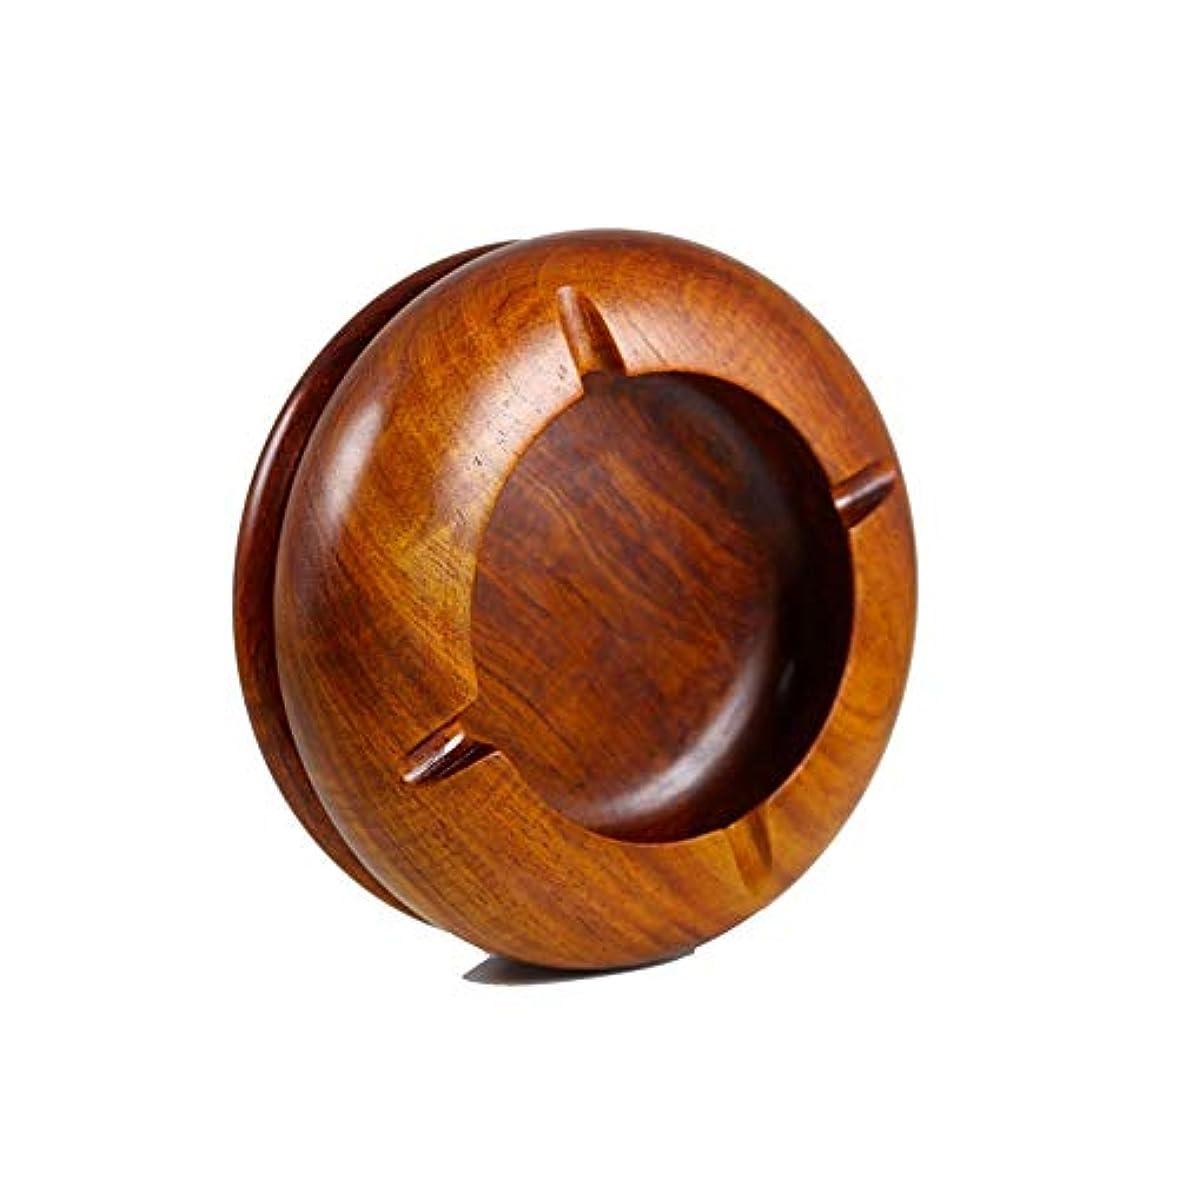 スタジオ論理的それに応じて円形の元の木のタバコの灰皿屋外および屋内灰皿